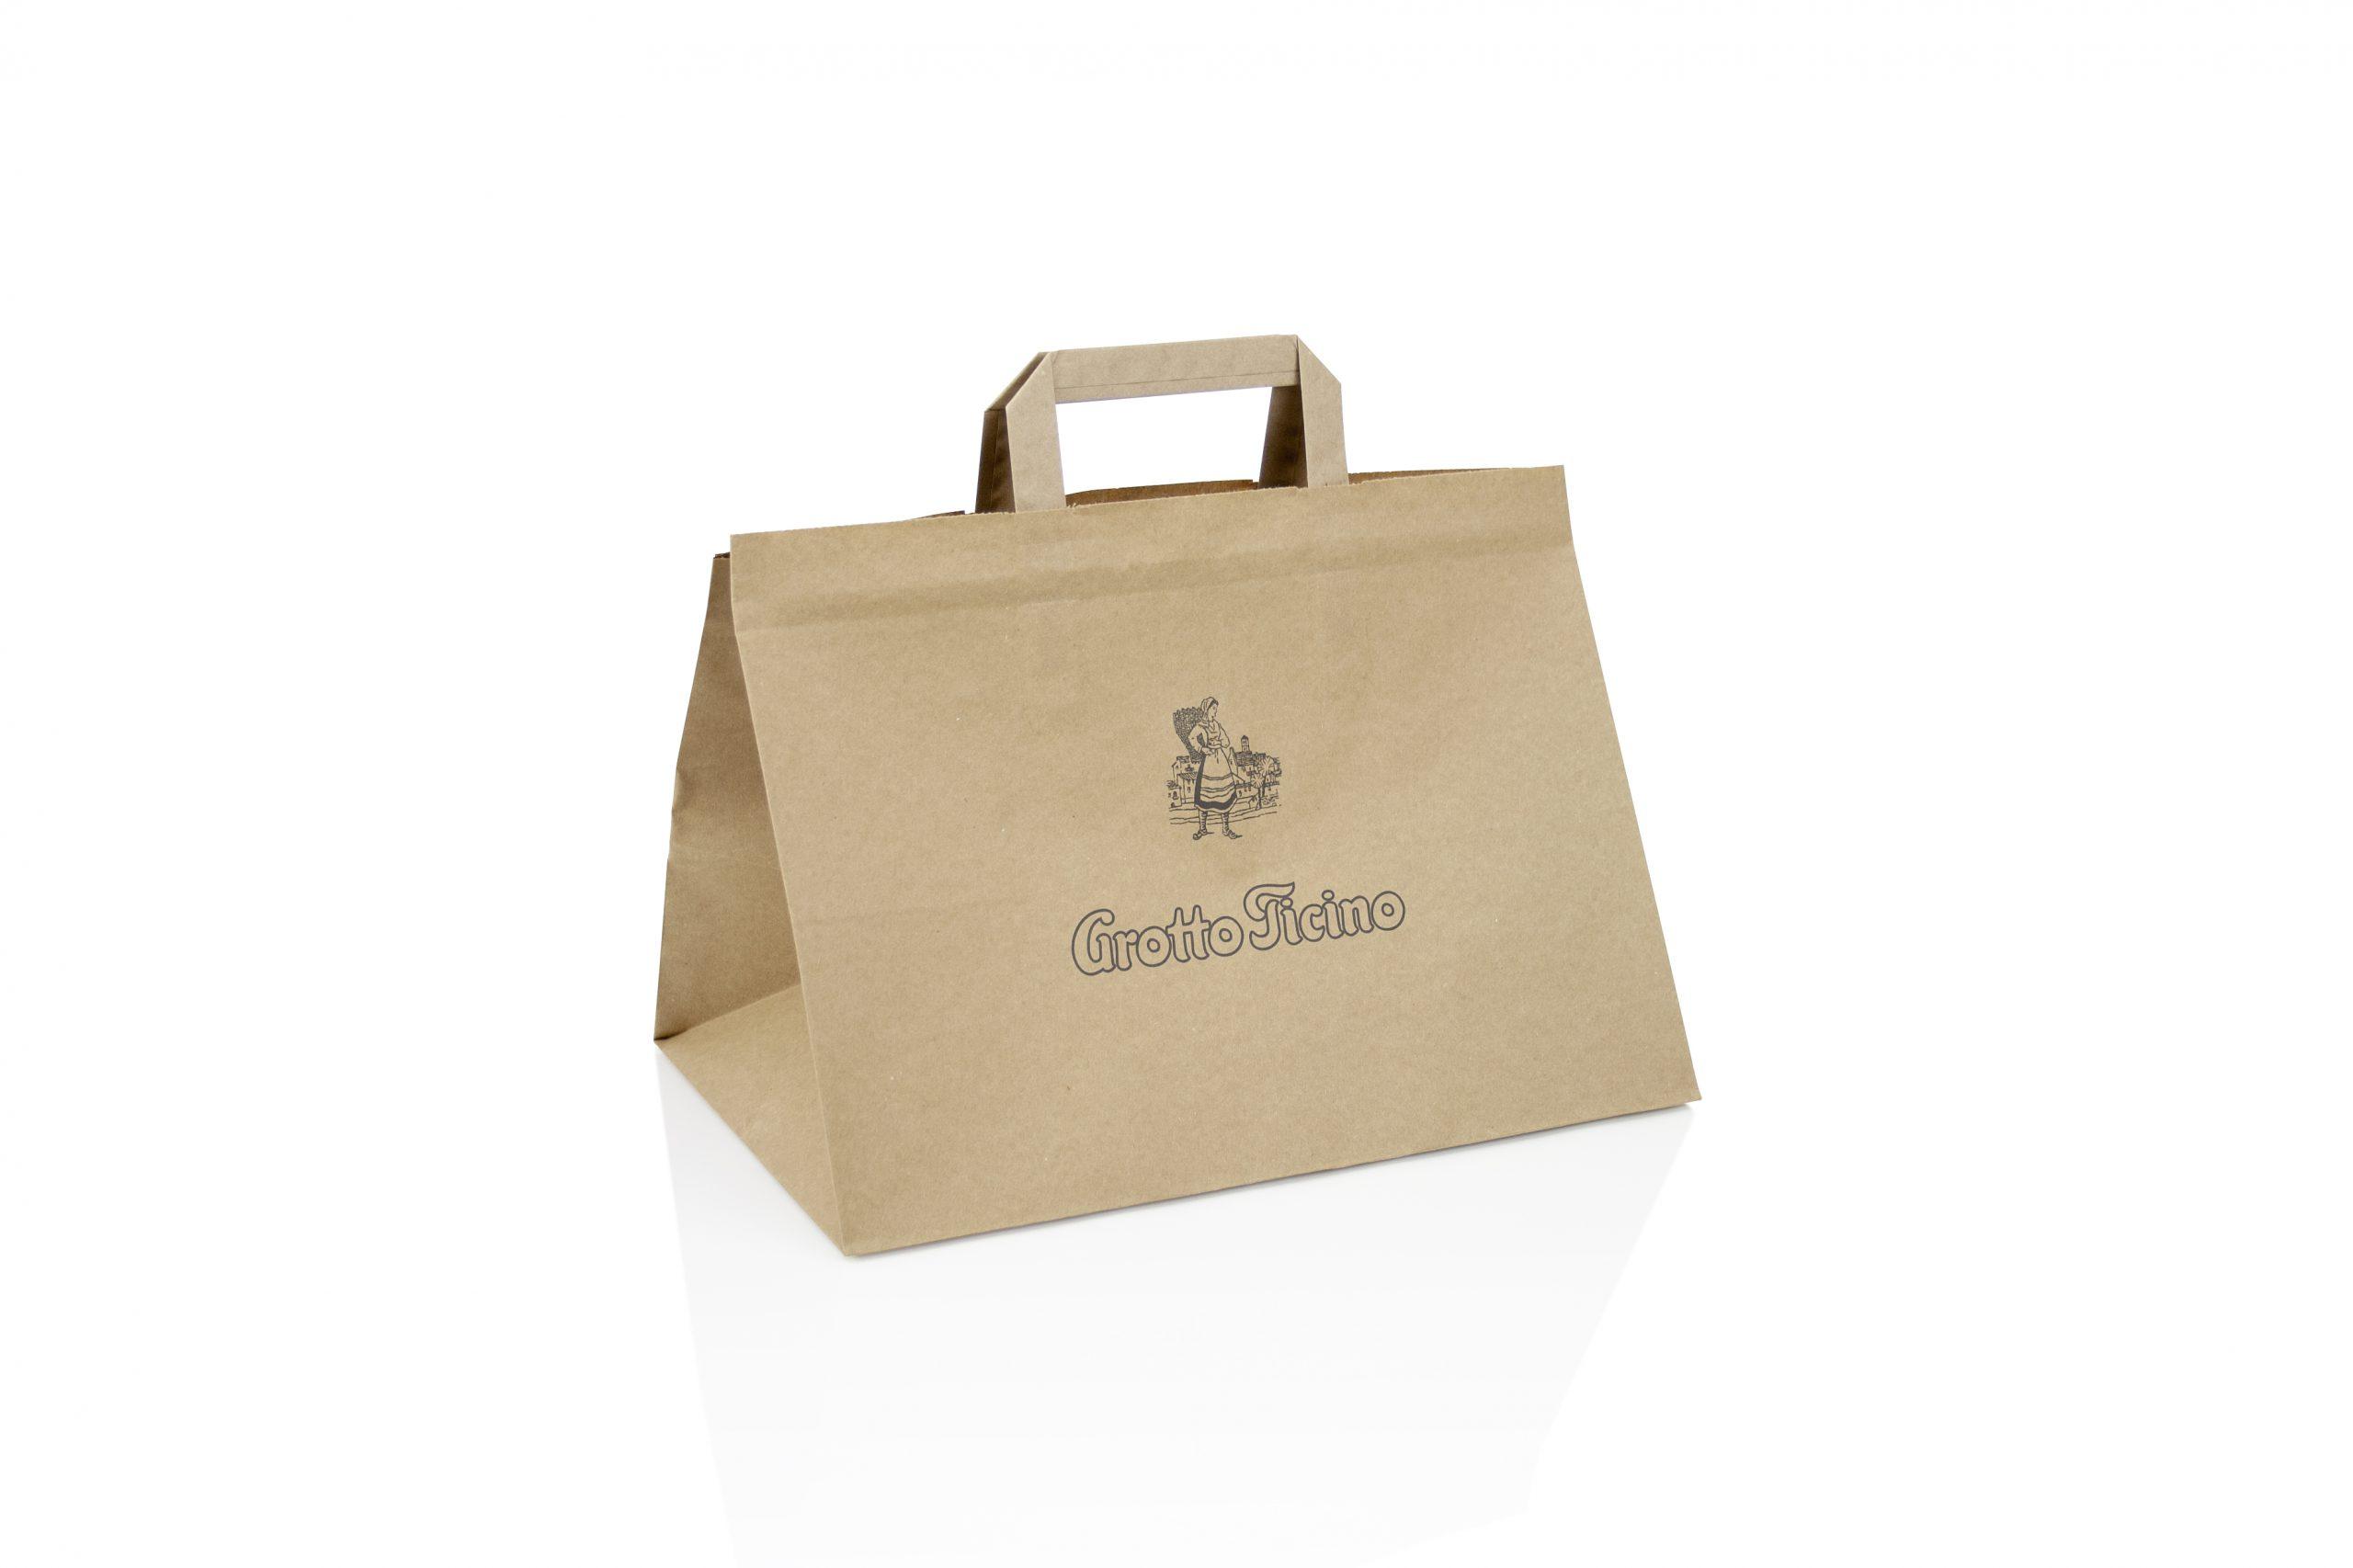 Take away bags met brede bodem voor voeding